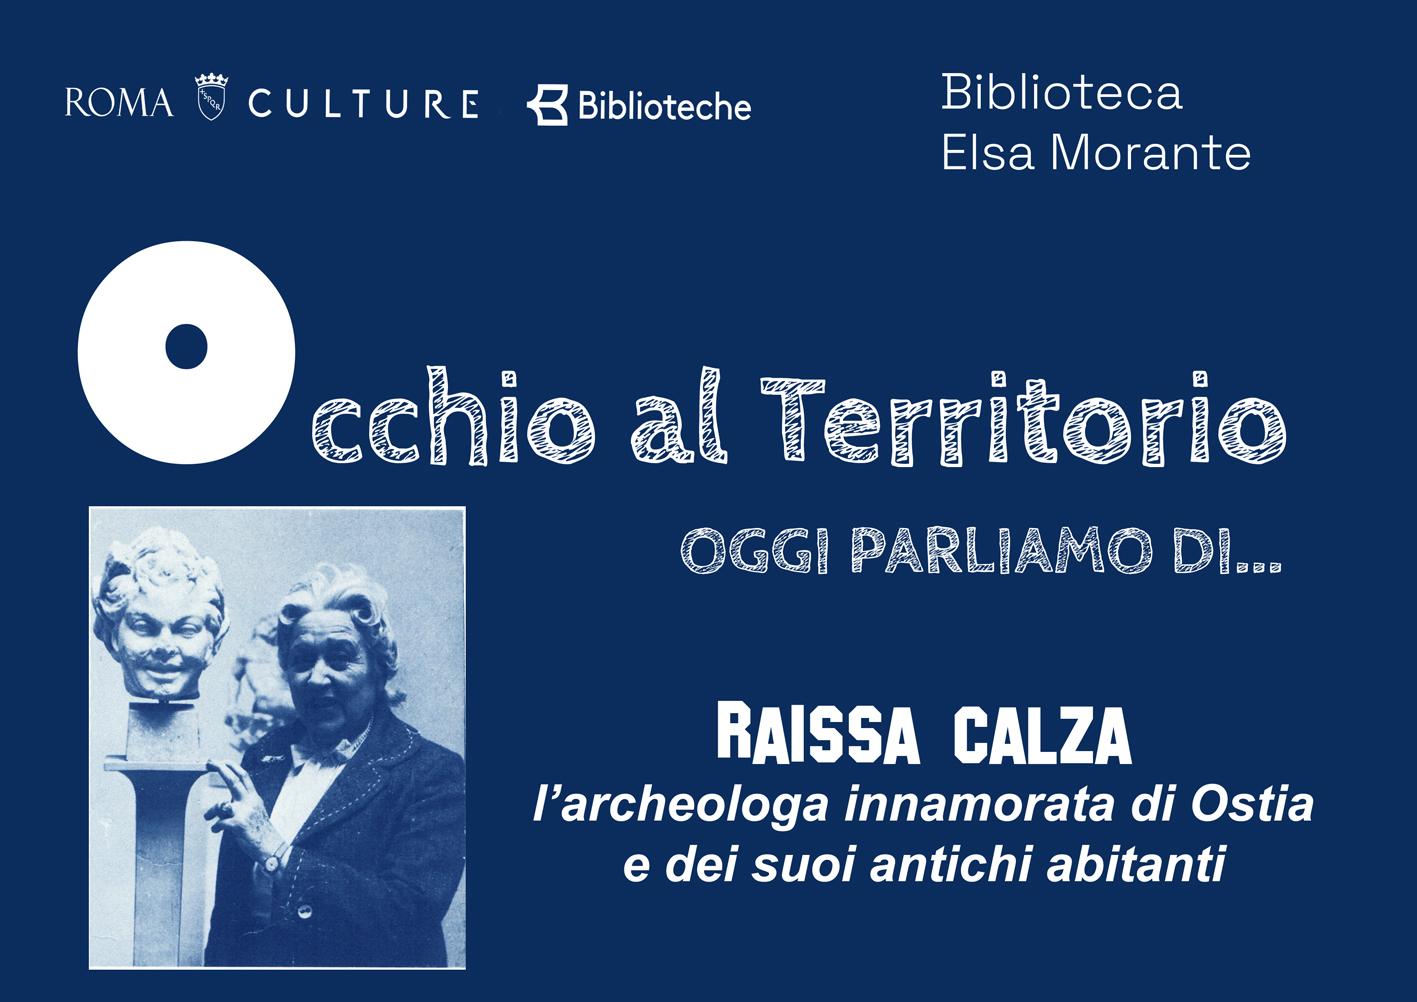 Raissa Calza, l'archeologa amante di Ostia e dei suoi antichi abitanti